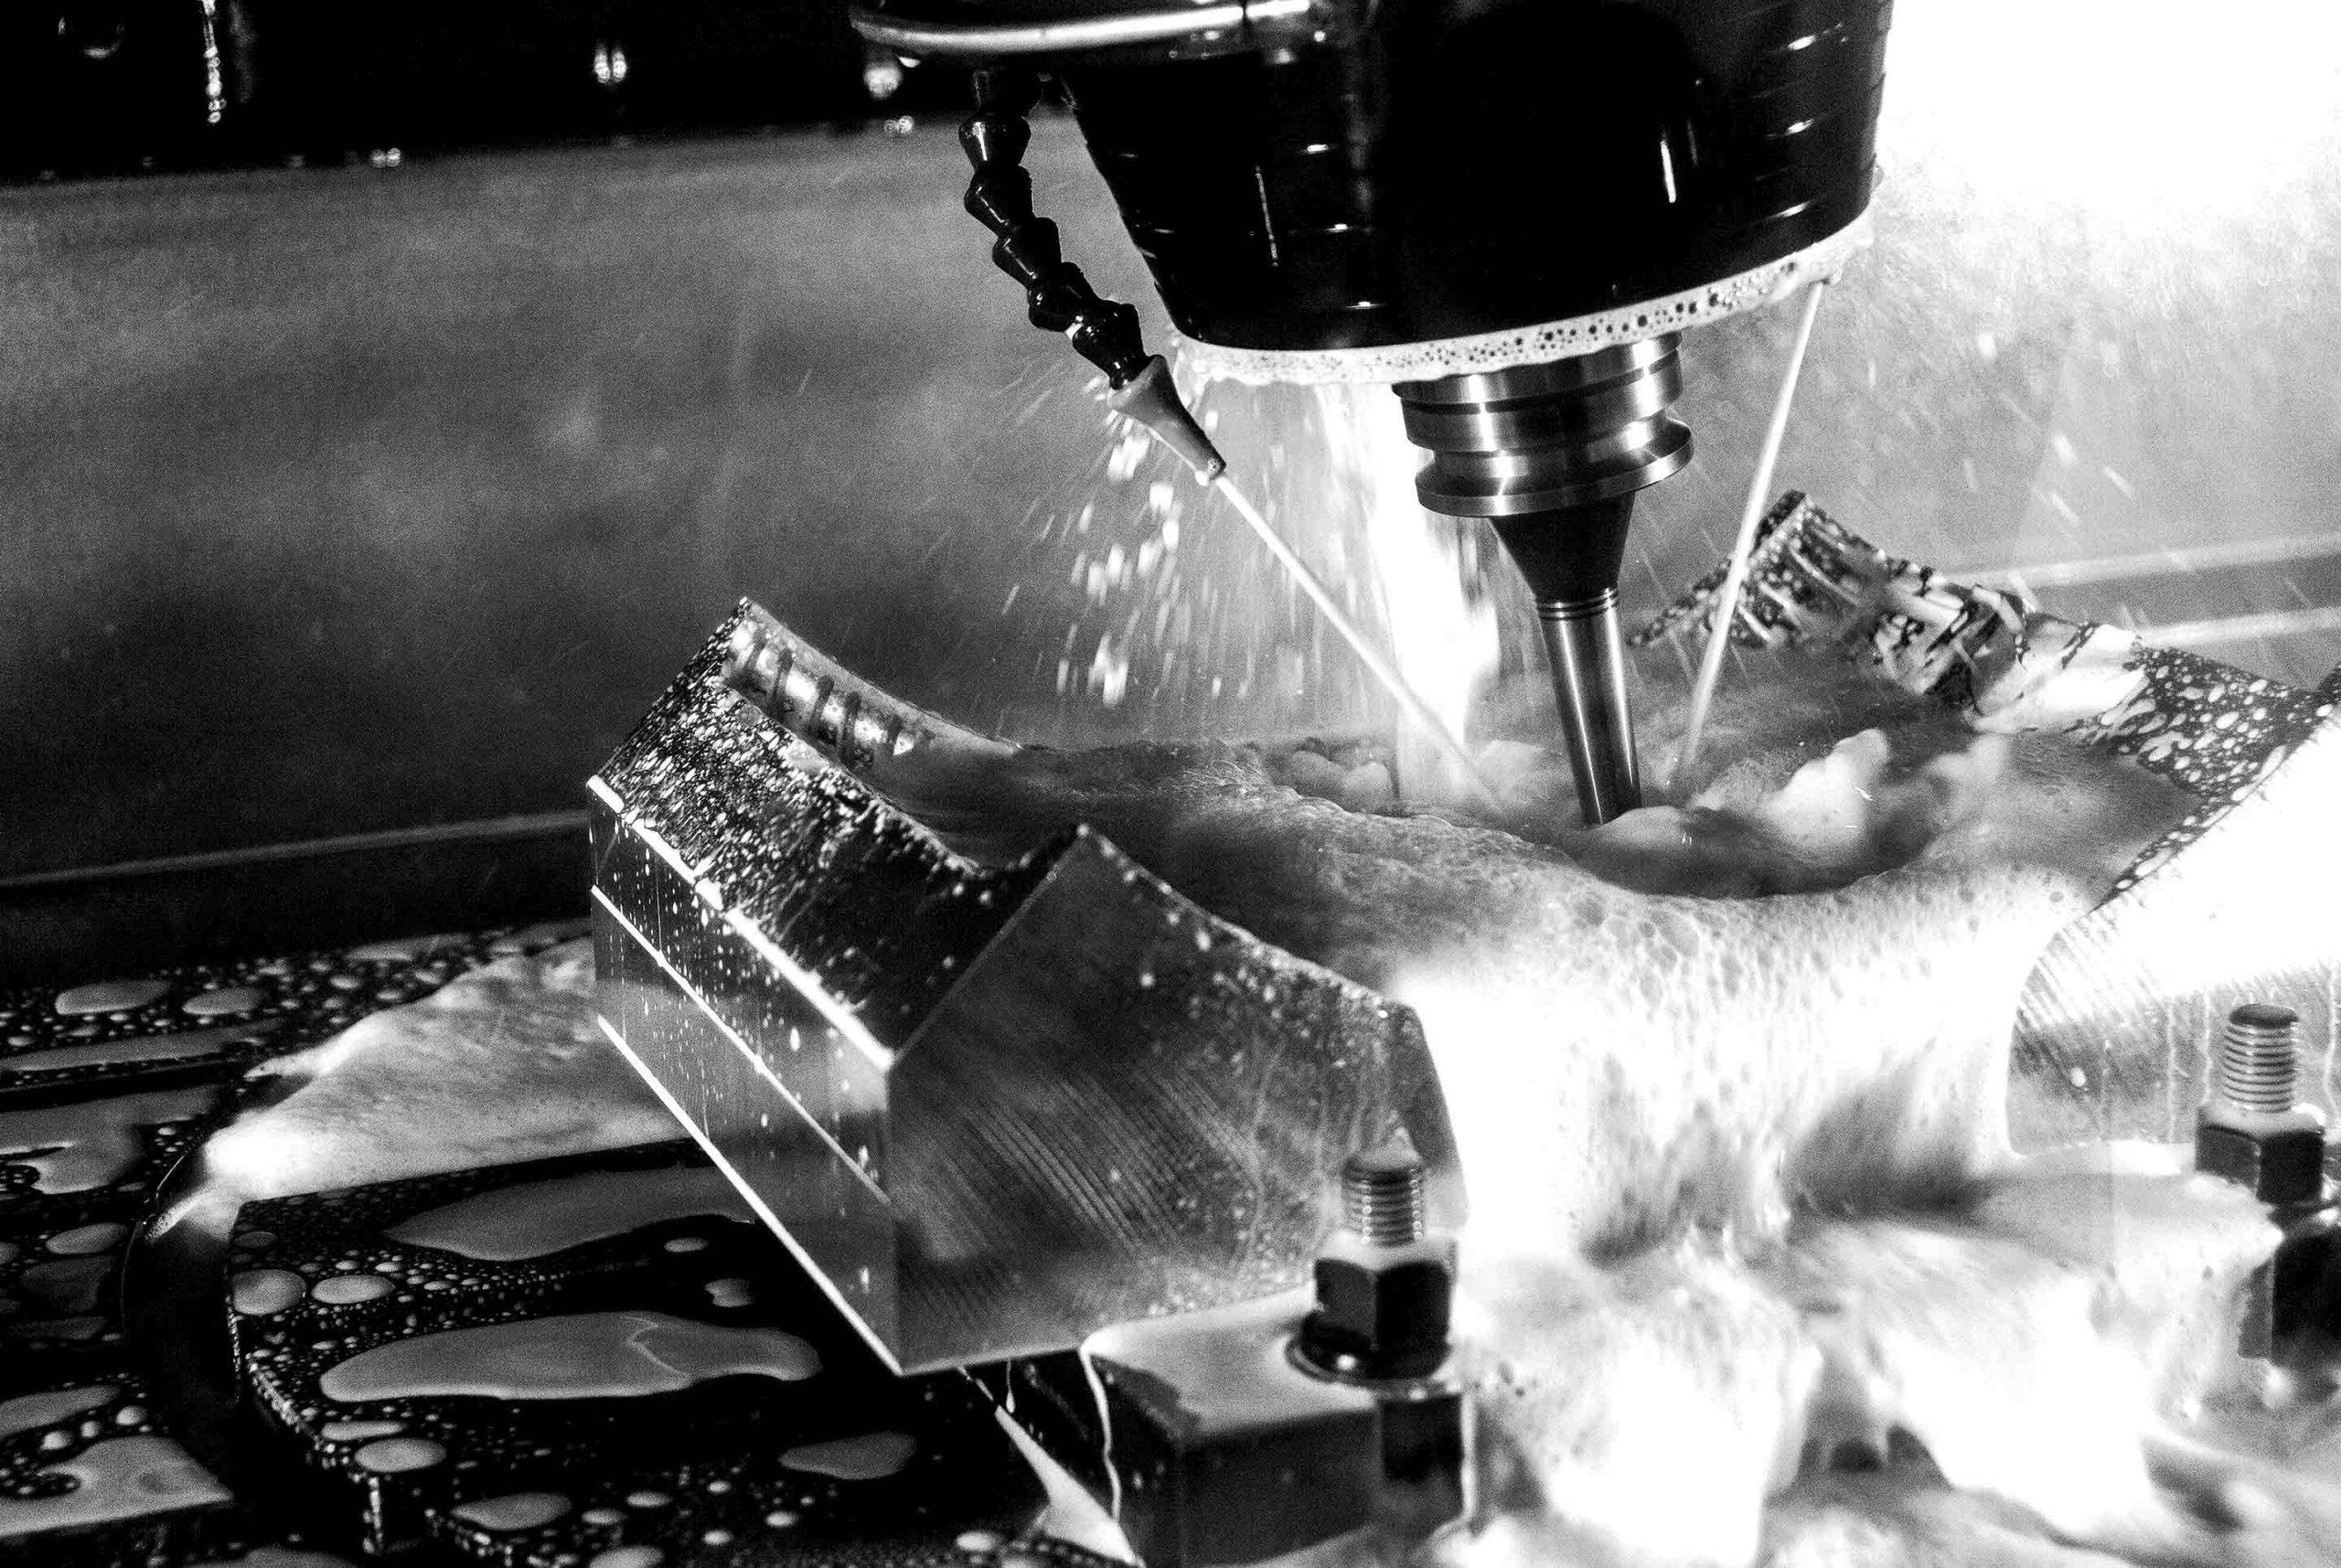 Manutenzione macchine utensili - Revisione cambio utensili